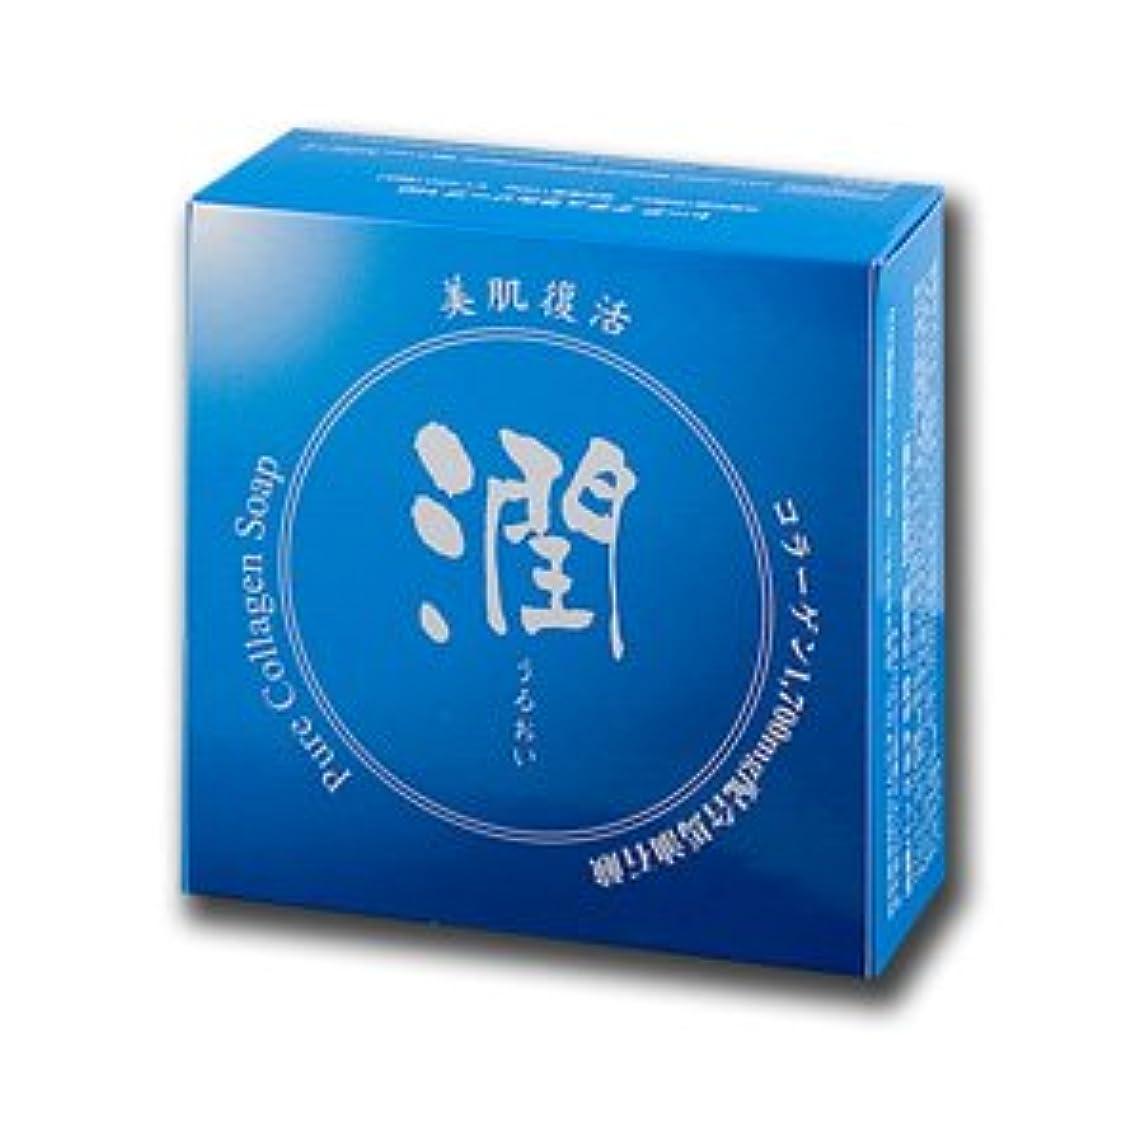 評価するドラフト地域のコラーゲン馬油石鹸 潤 100g (#800410) ×10個セット